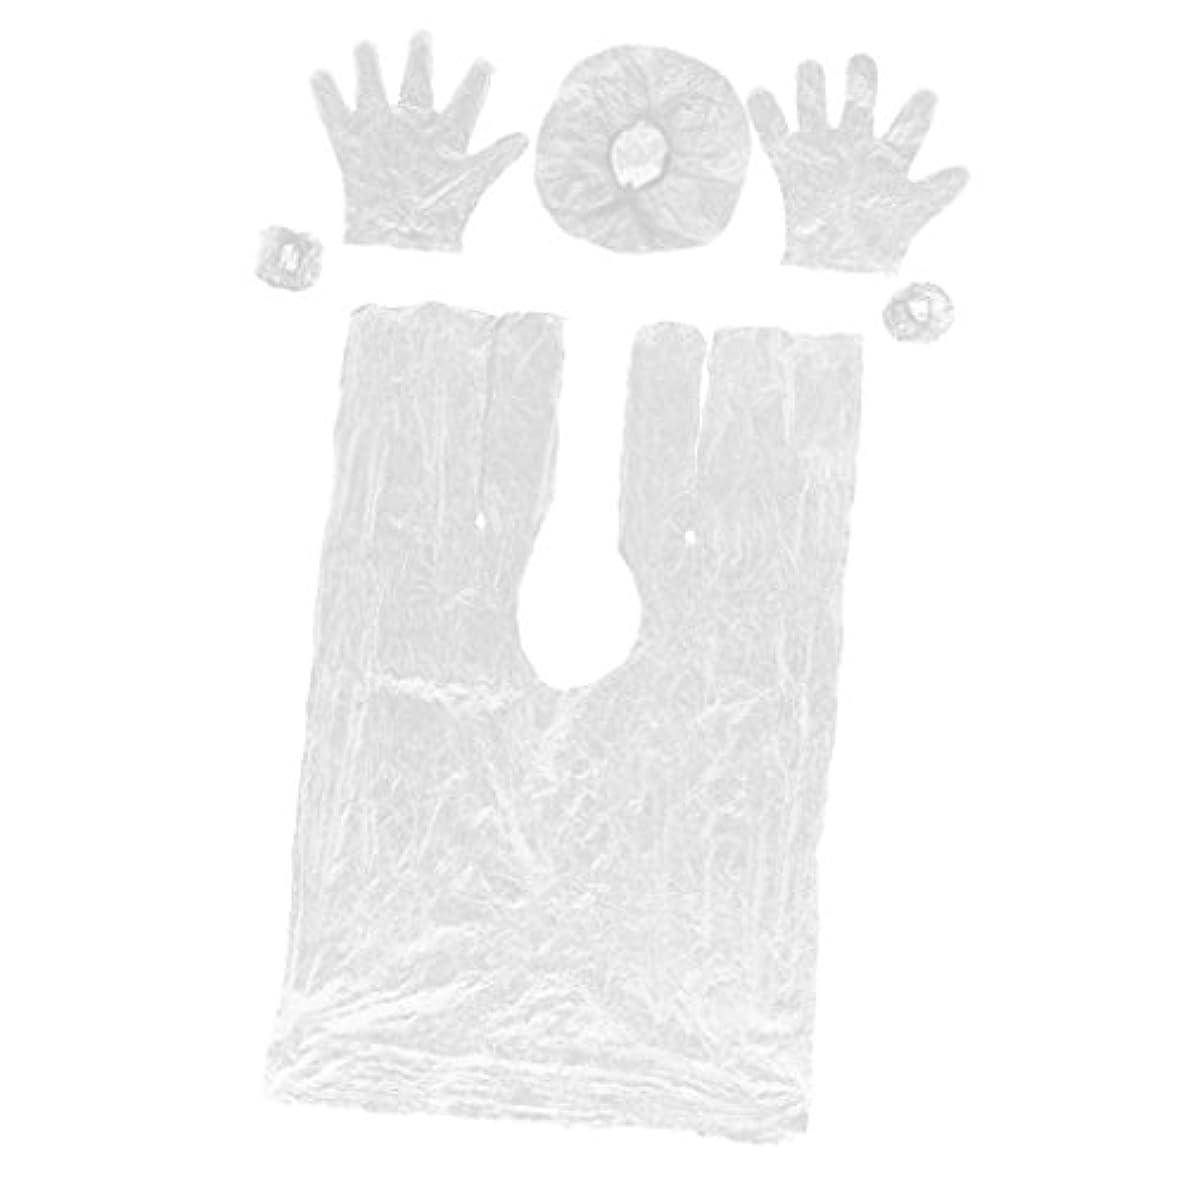 不定報告書列車Toygogo ツール弾性キャップ、理髪ガウンケープショール、手袋、イヤーキャップイヤーマフセットを使用した使い捨てスパヘアサロンカラー染料キットの着色